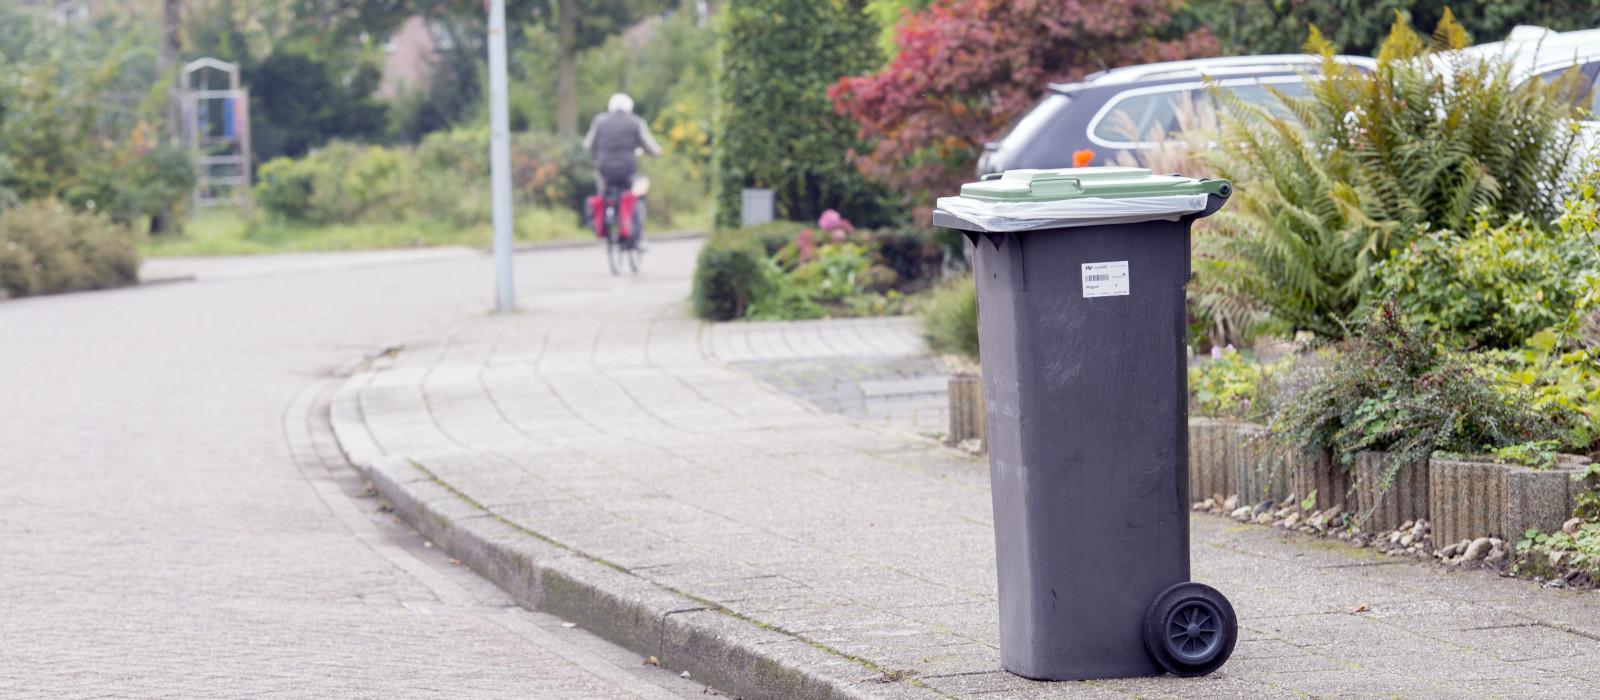 Groene container vanaf 1 december minder vaak aan de weg